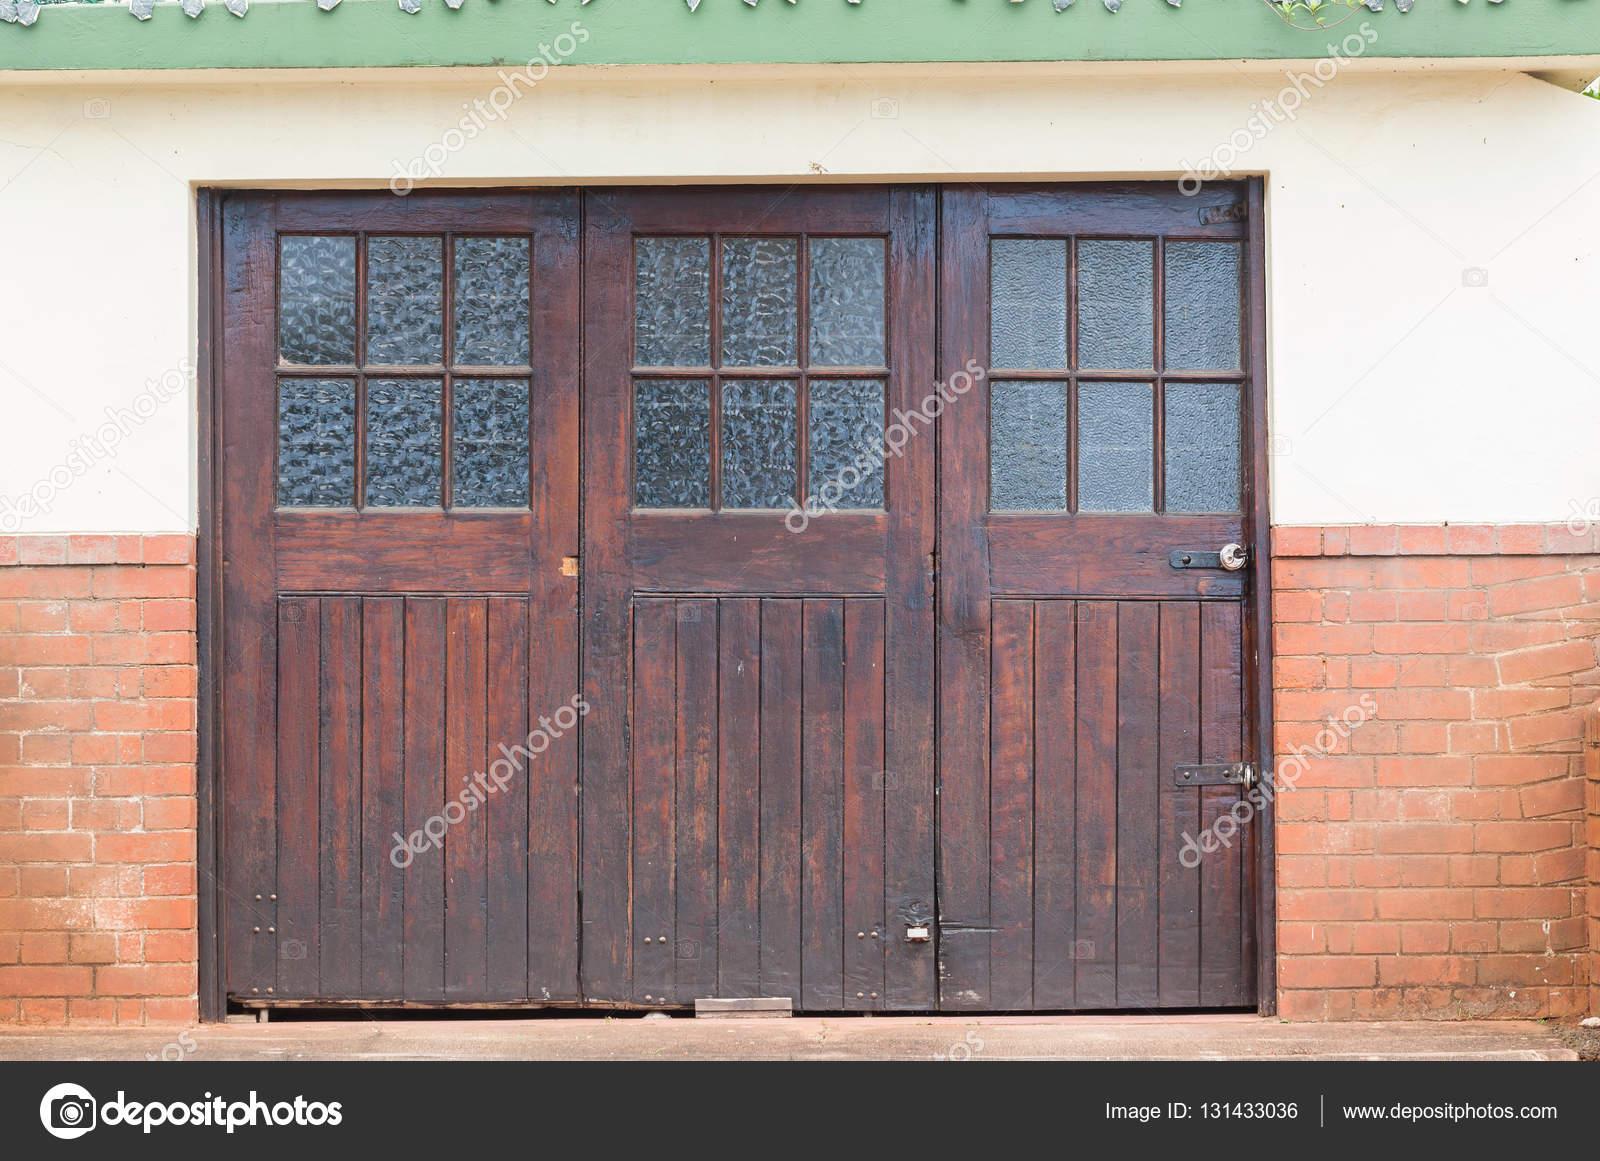 W Ultra drzwi garażowe drewniane — Zdjęcie stockowe © ChrisVanLennepPhoto YI38